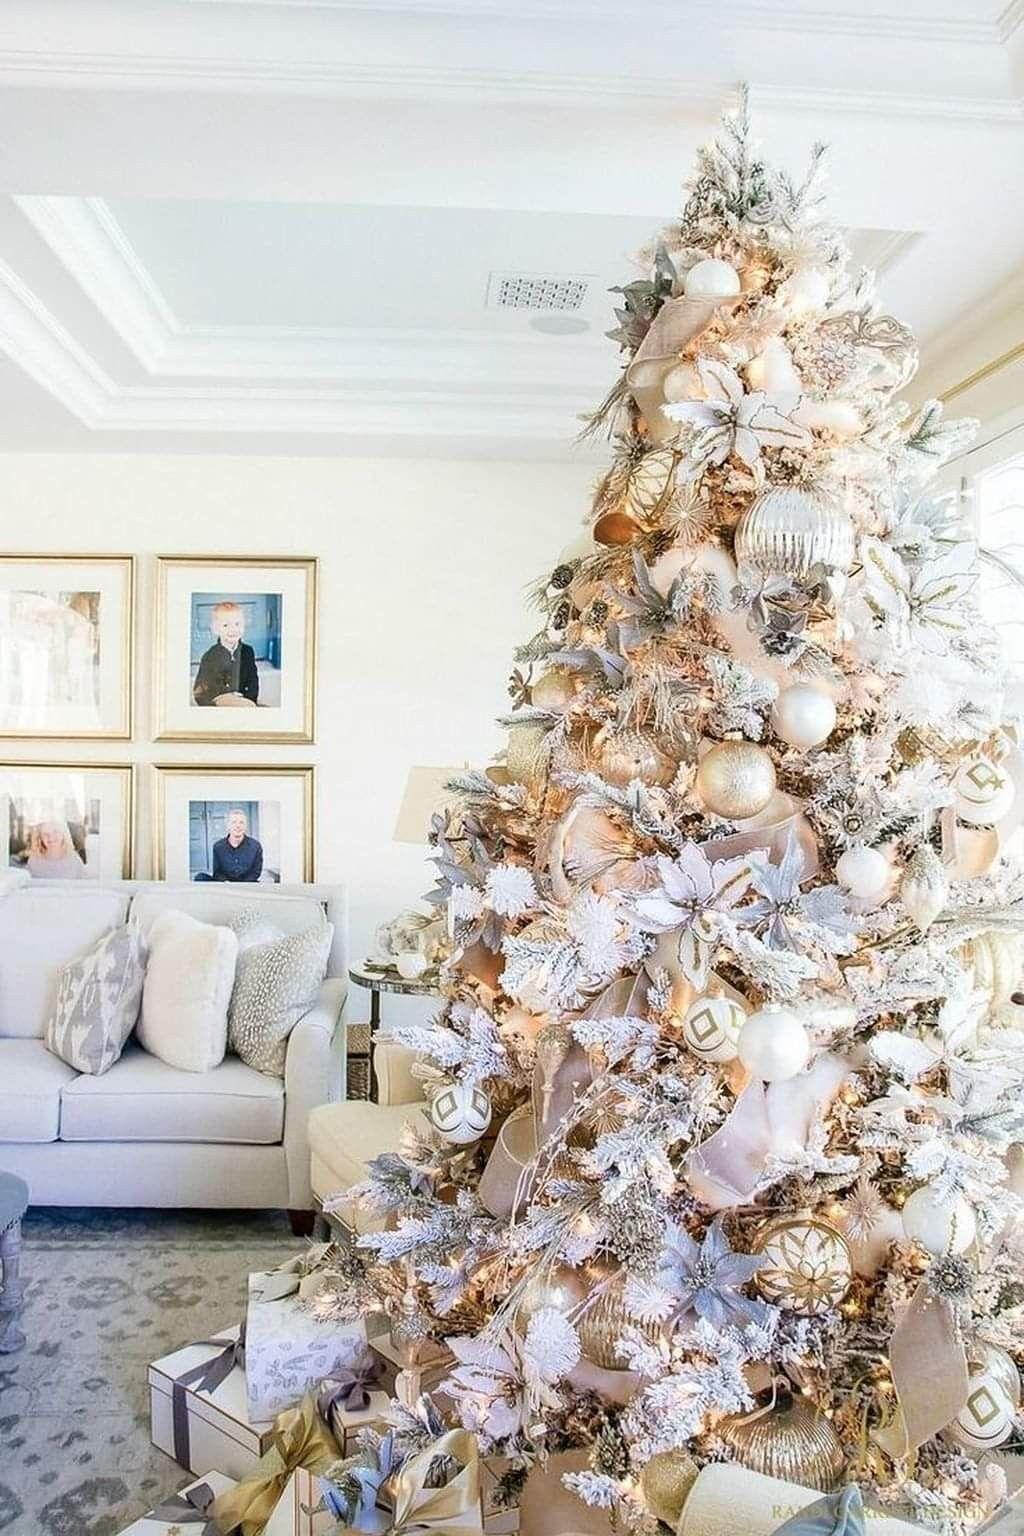 Foto Con La Neve Di Natale.Pin Di Pasqua Saffi Su Alberi Di Natale Decorazioni Natale All Aperto Decorazioni Di Natale Bianche Alberi Di Natale Con La Neve